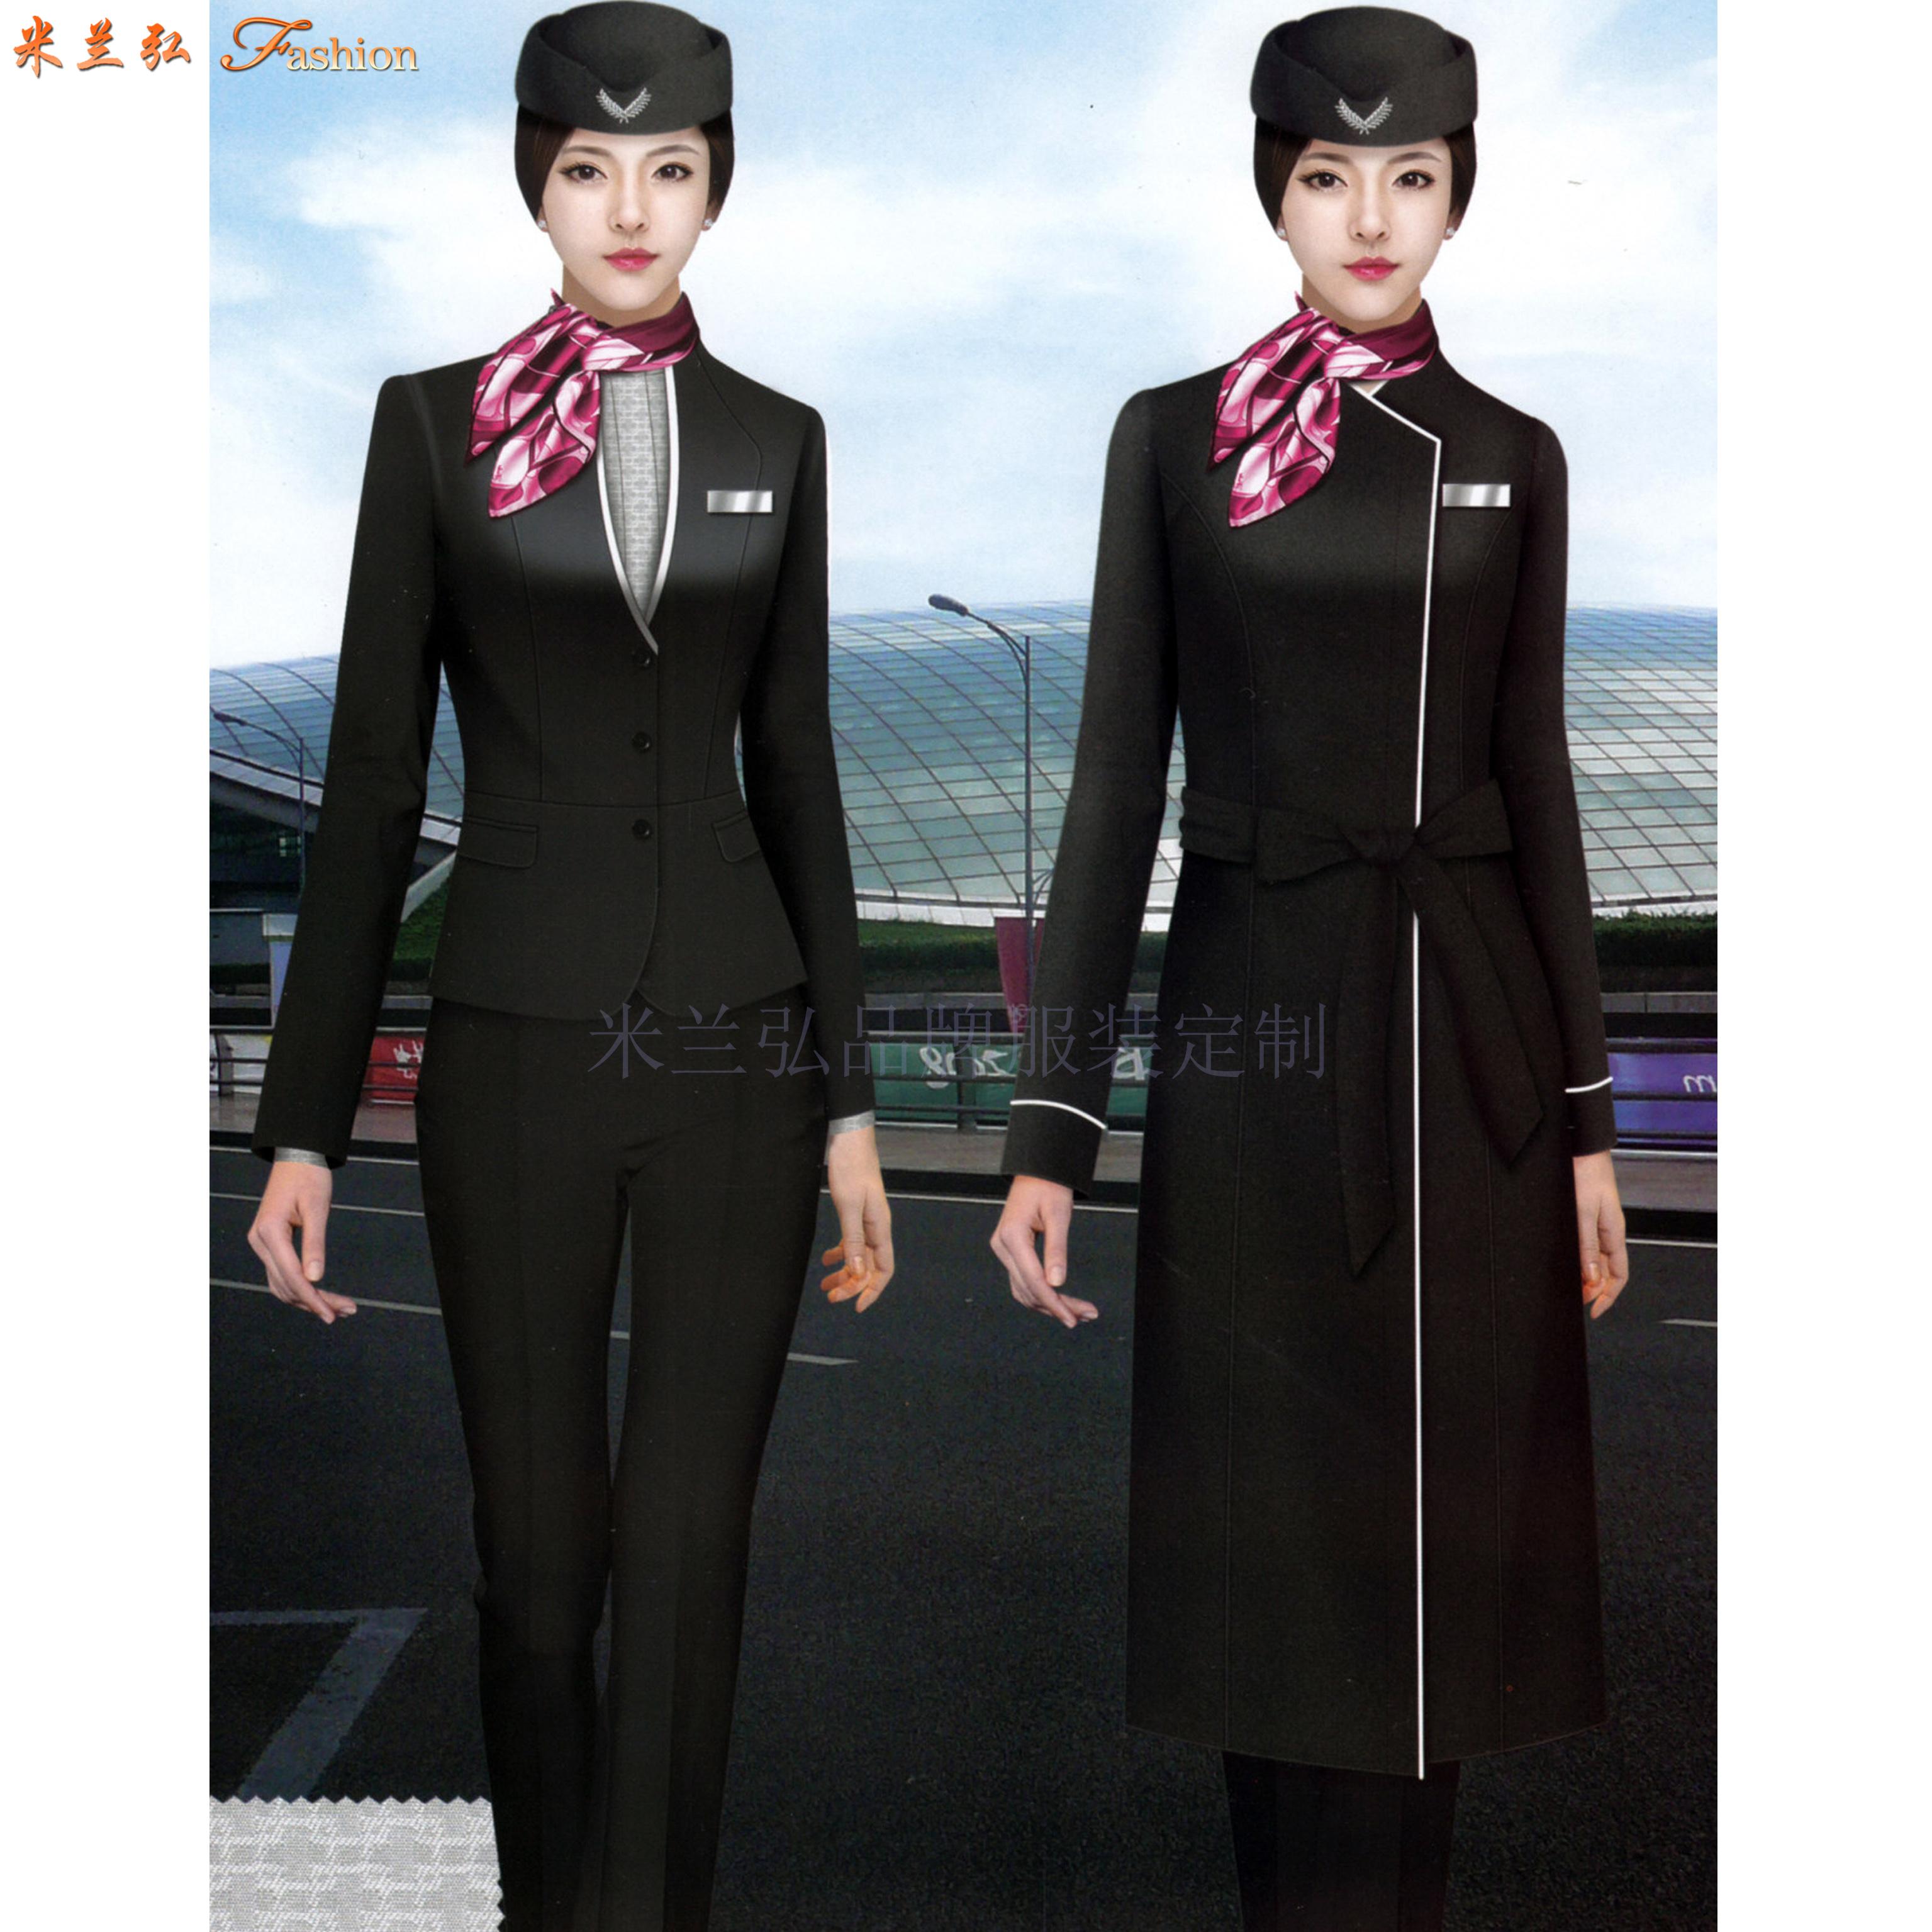 「航空大衣」量身定制各大航空公司的冬季大衣-米蘭弘服裝-5